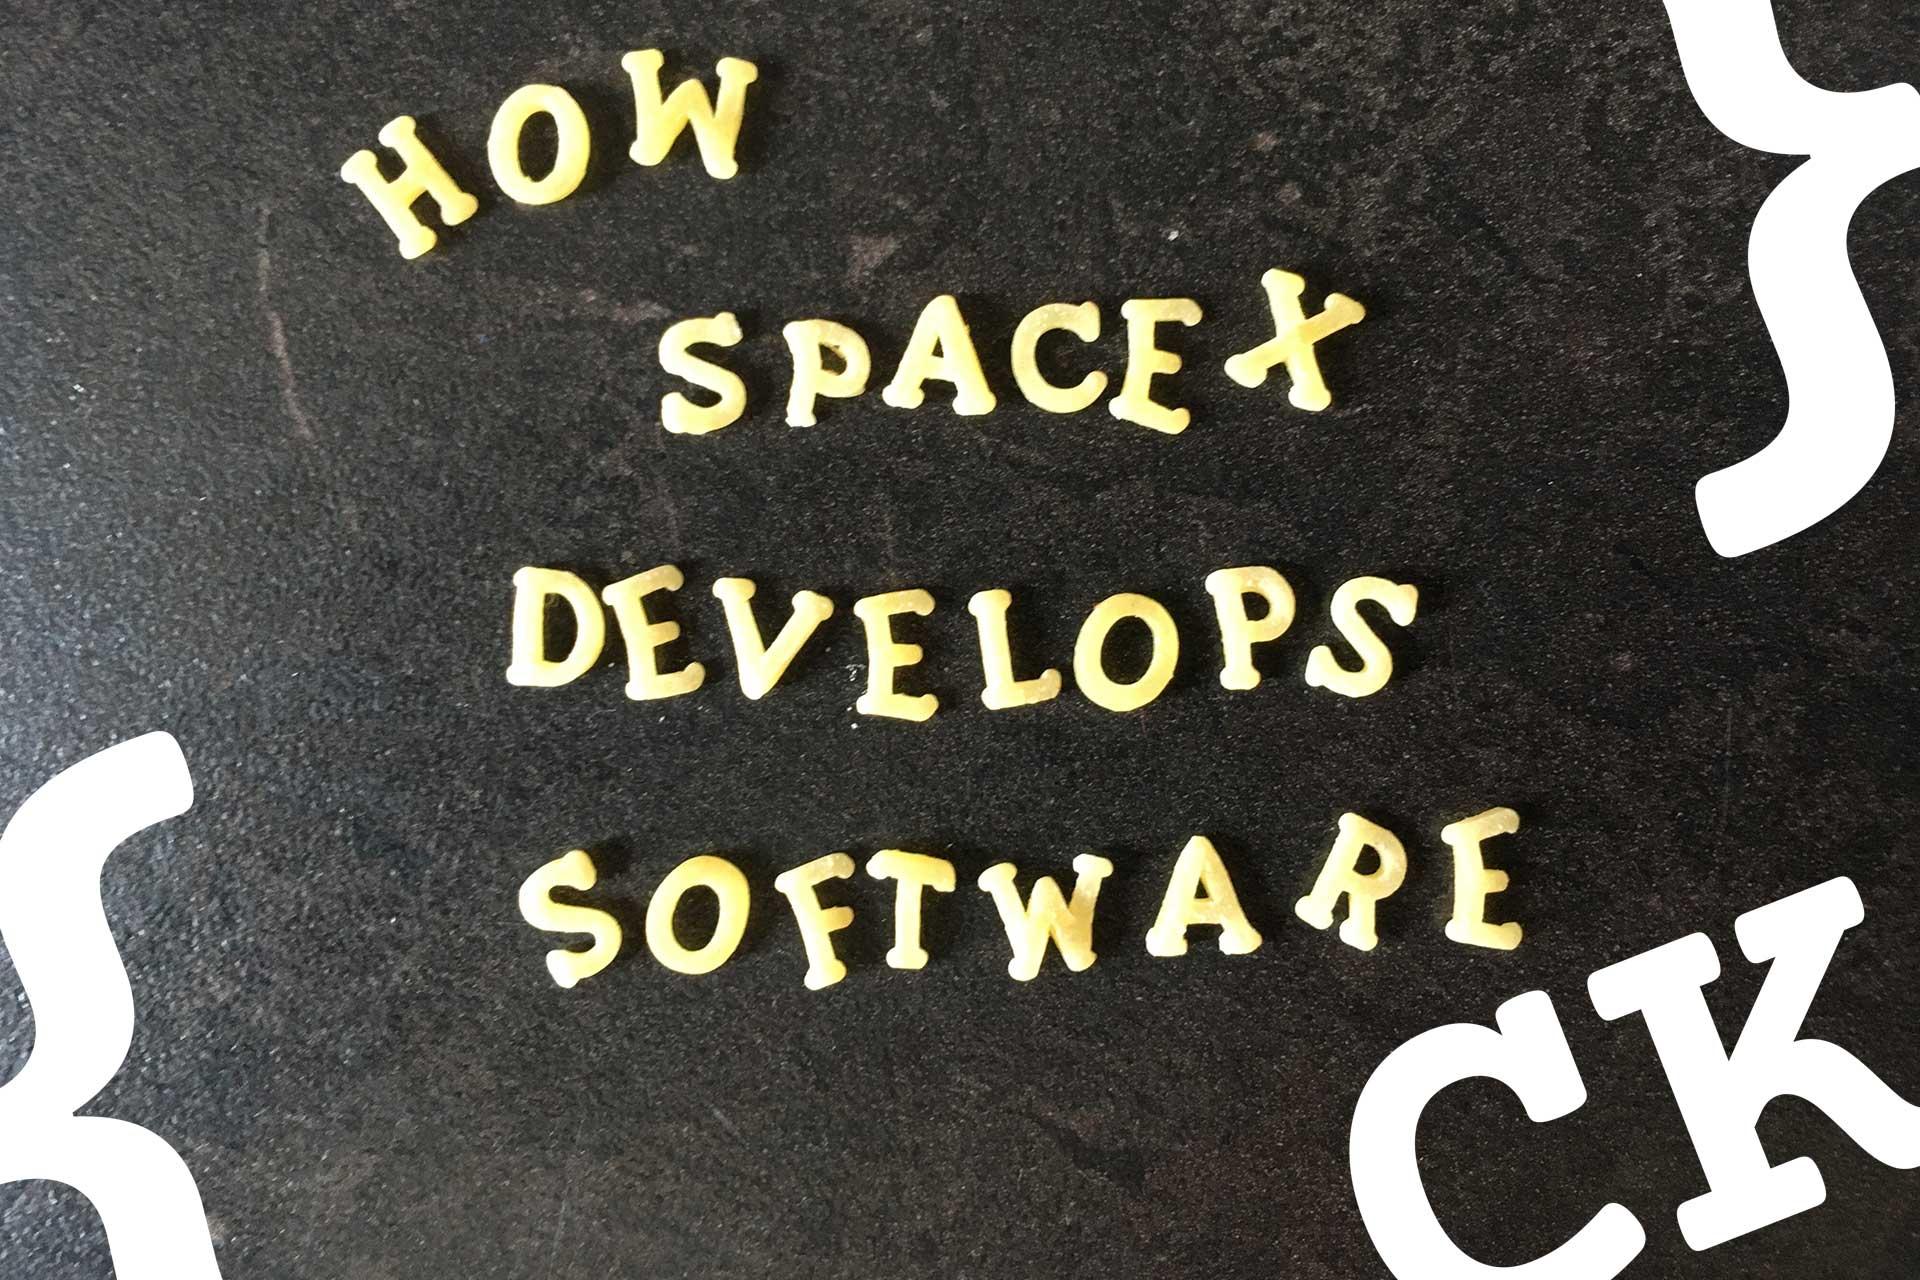 How SpaceX develops software - Coderskitchen